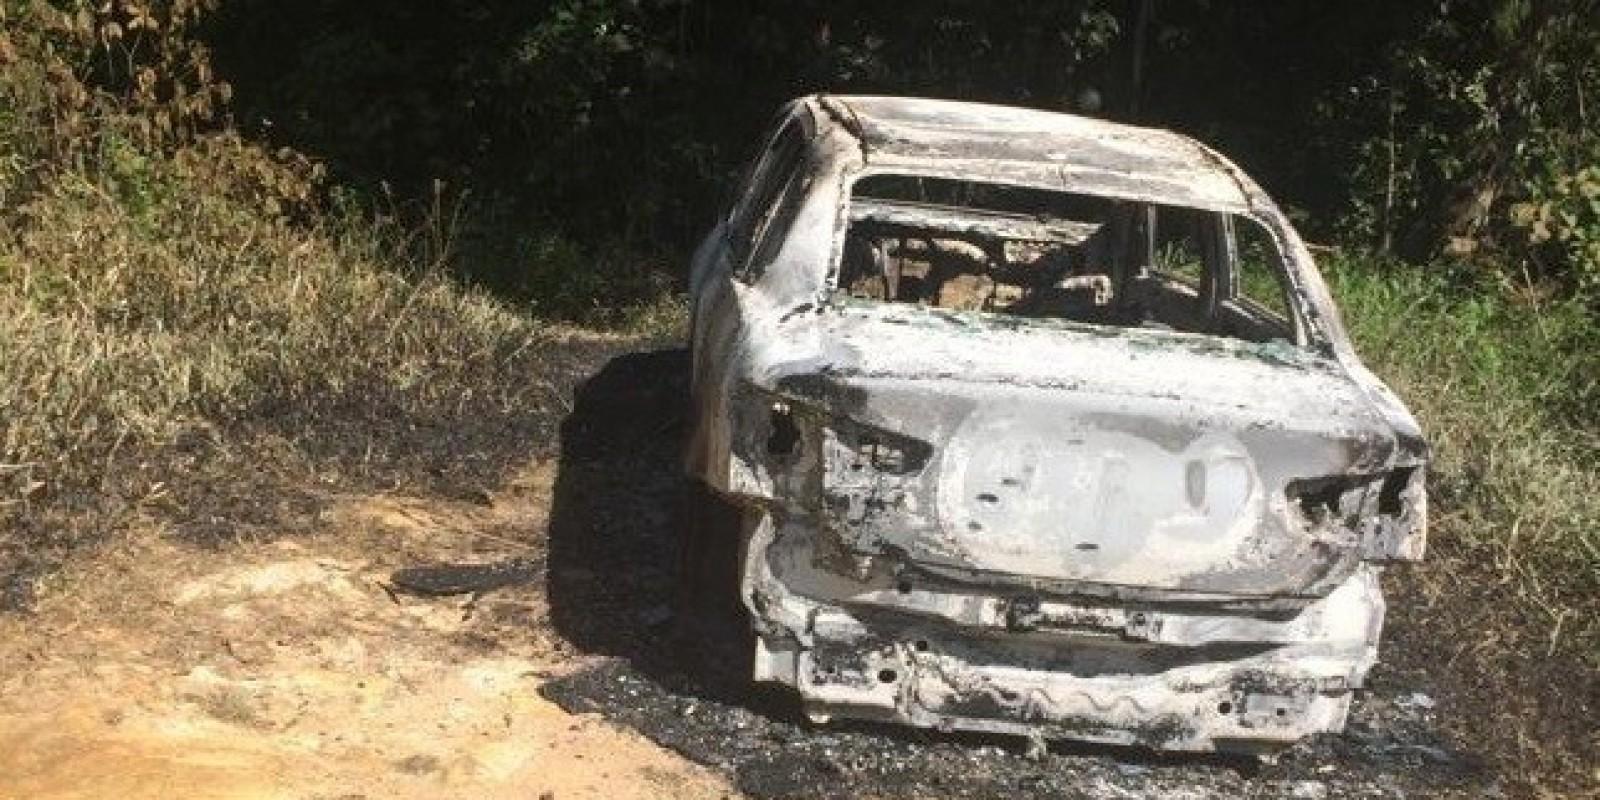 Carro de taxista é encontrado incendiado no interior de Urussanga